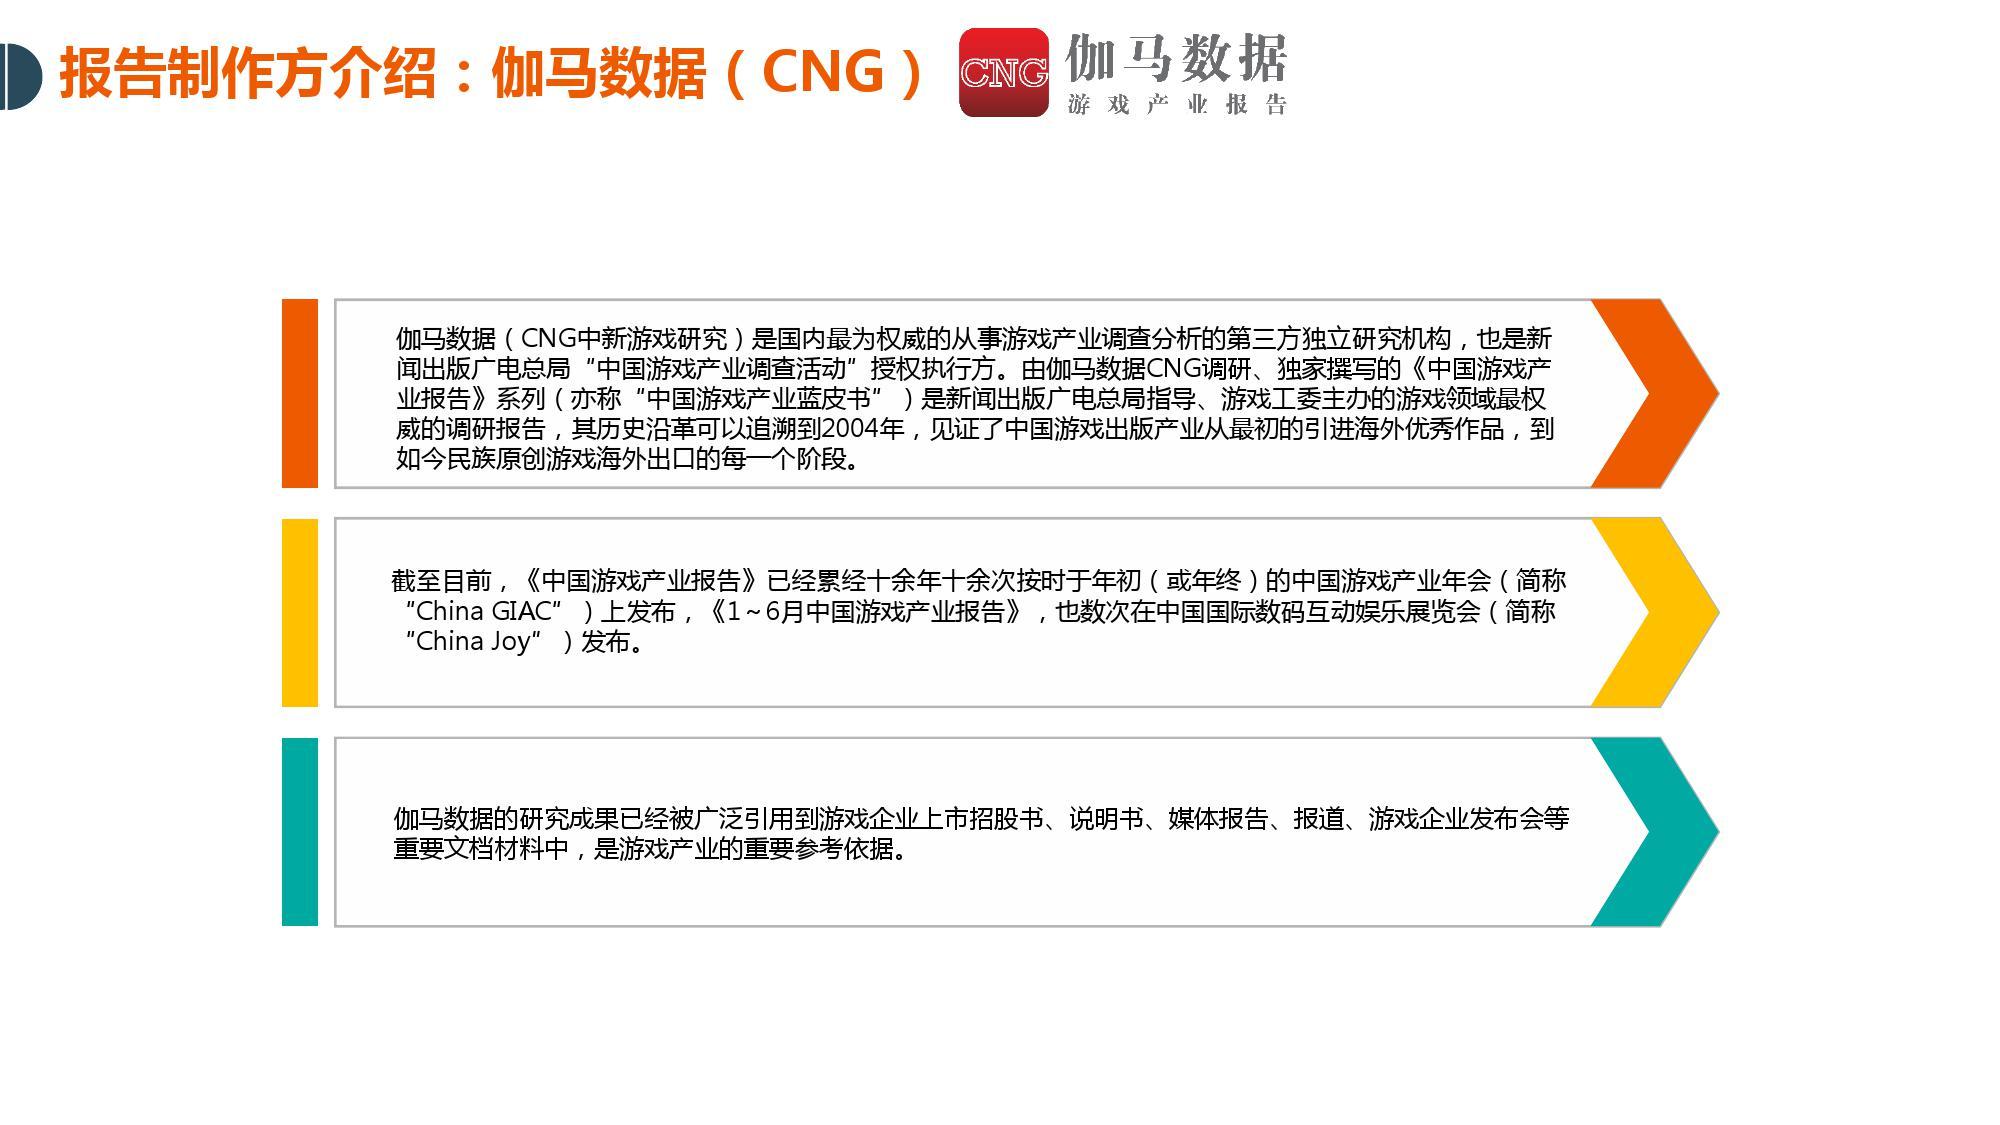 必威官方最新下载 34